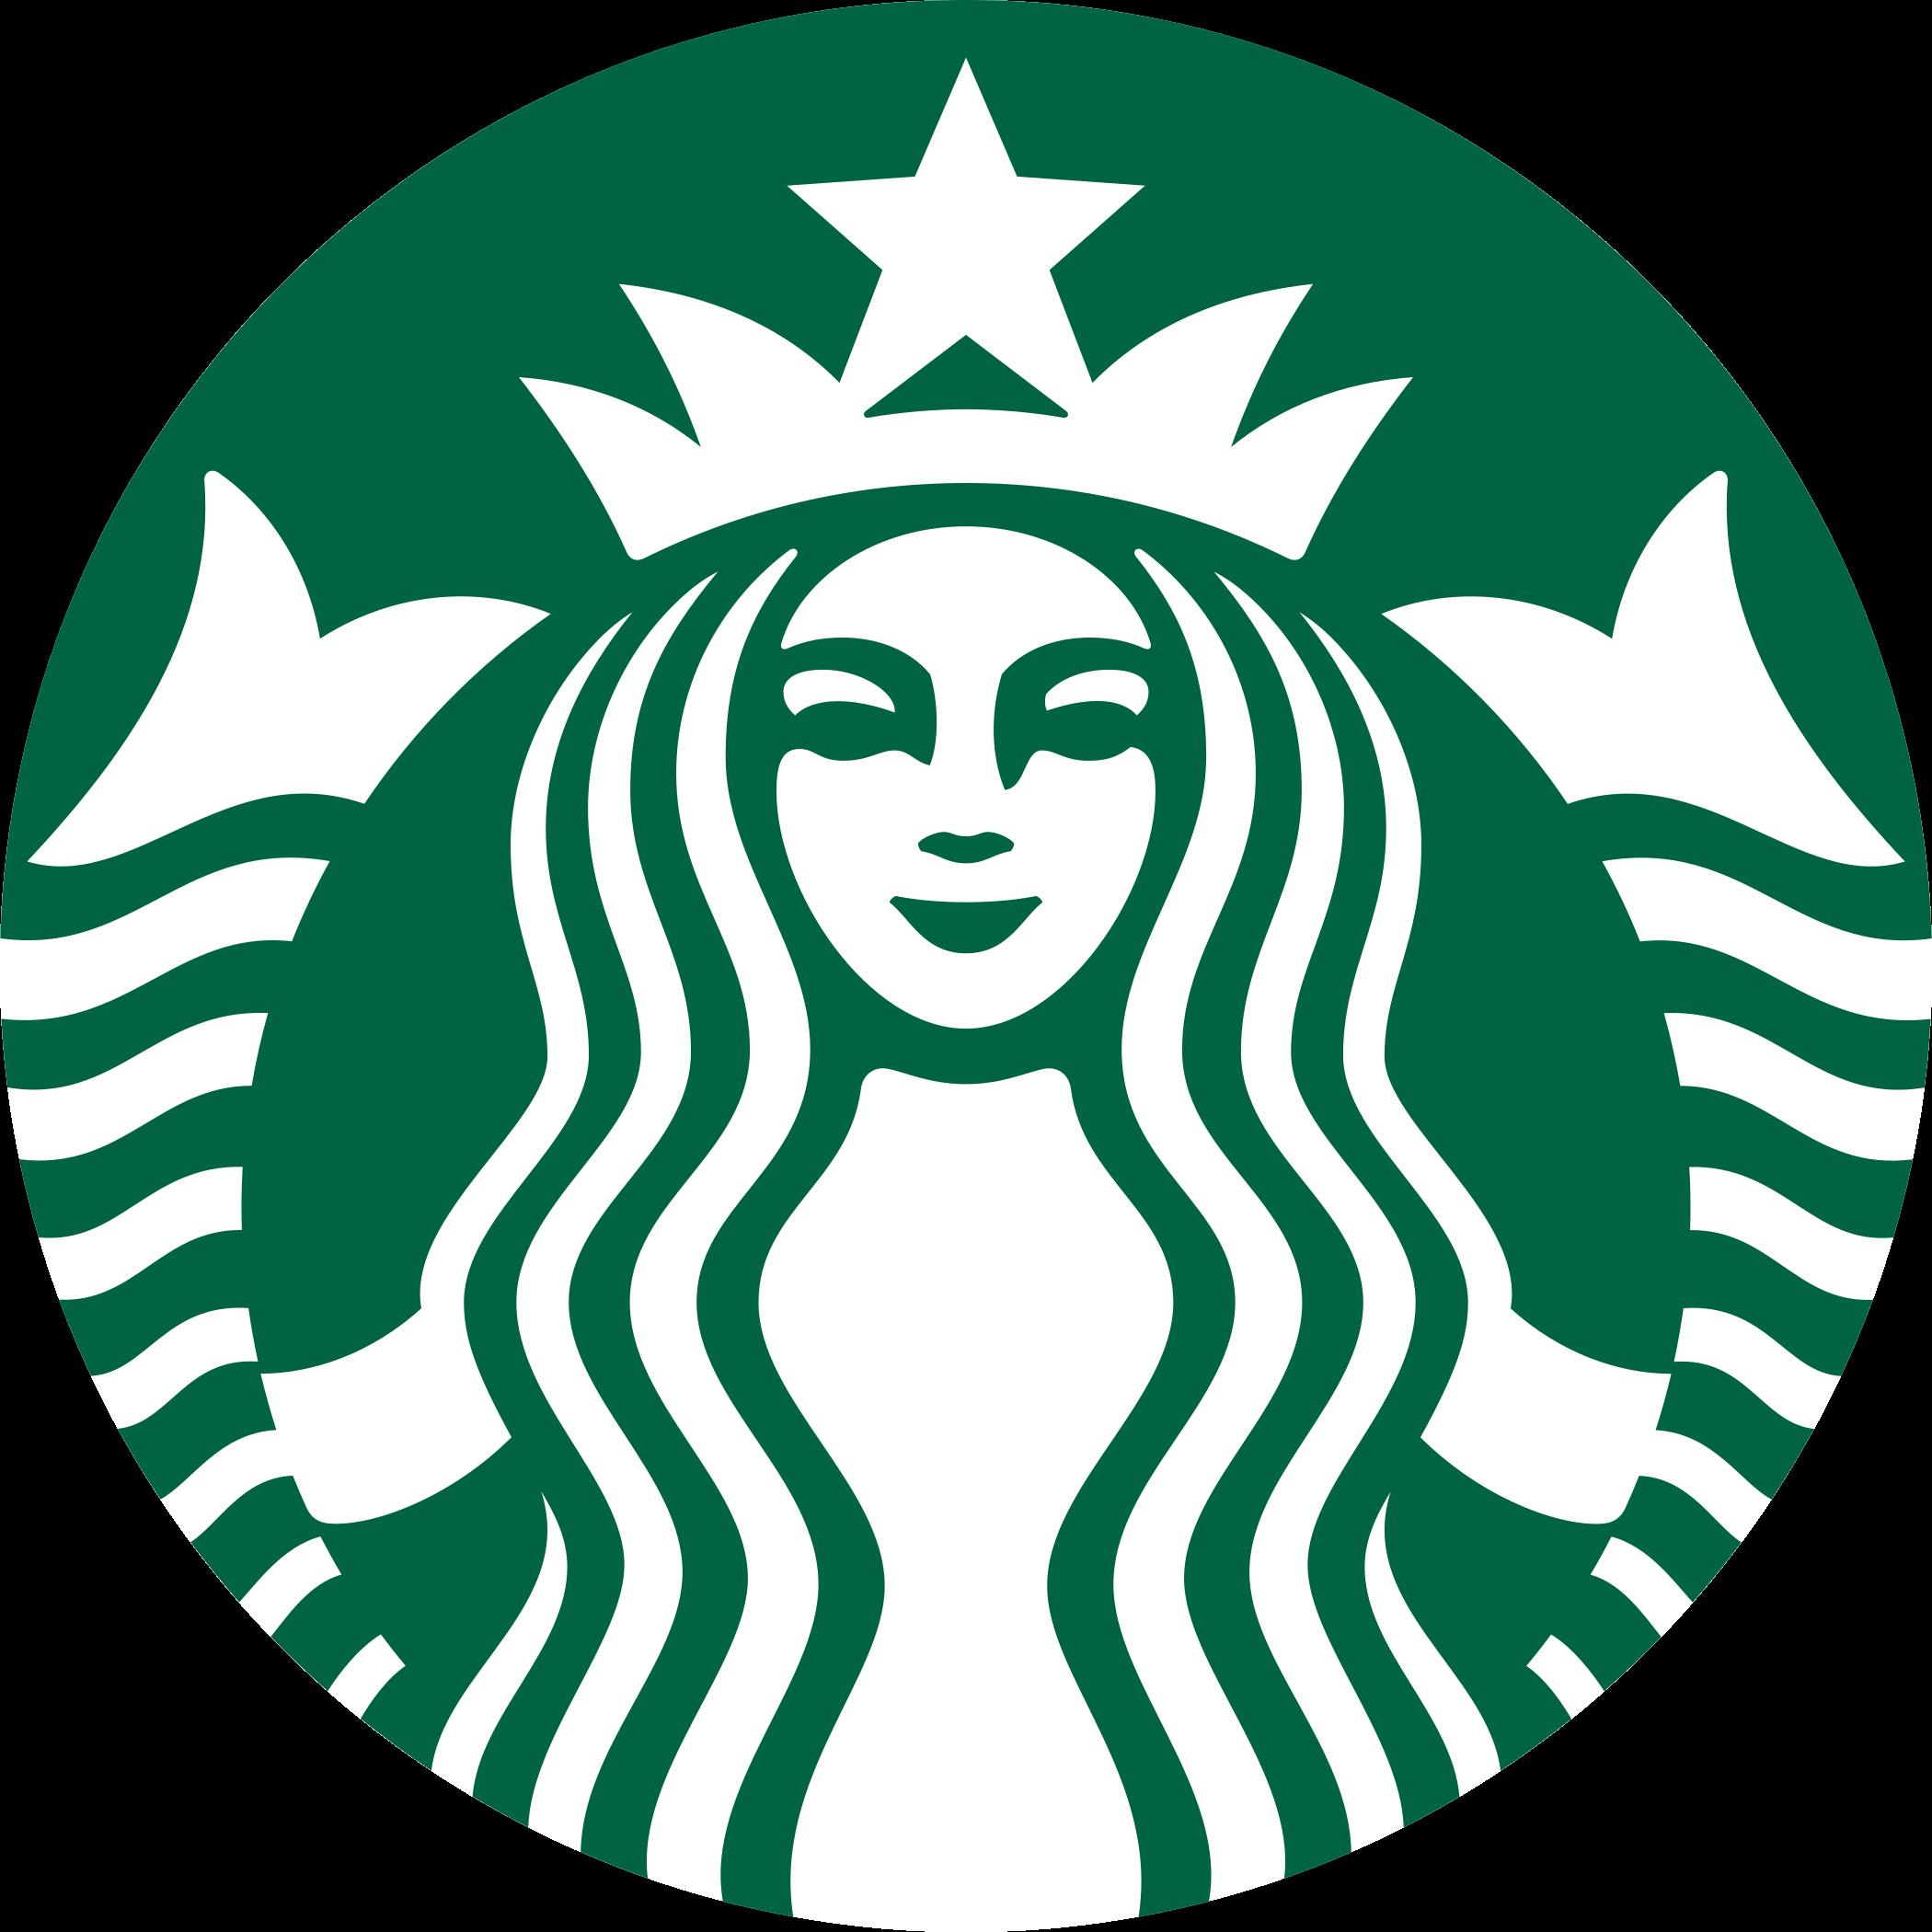 starbucks logo 1 - Starbucks Logo